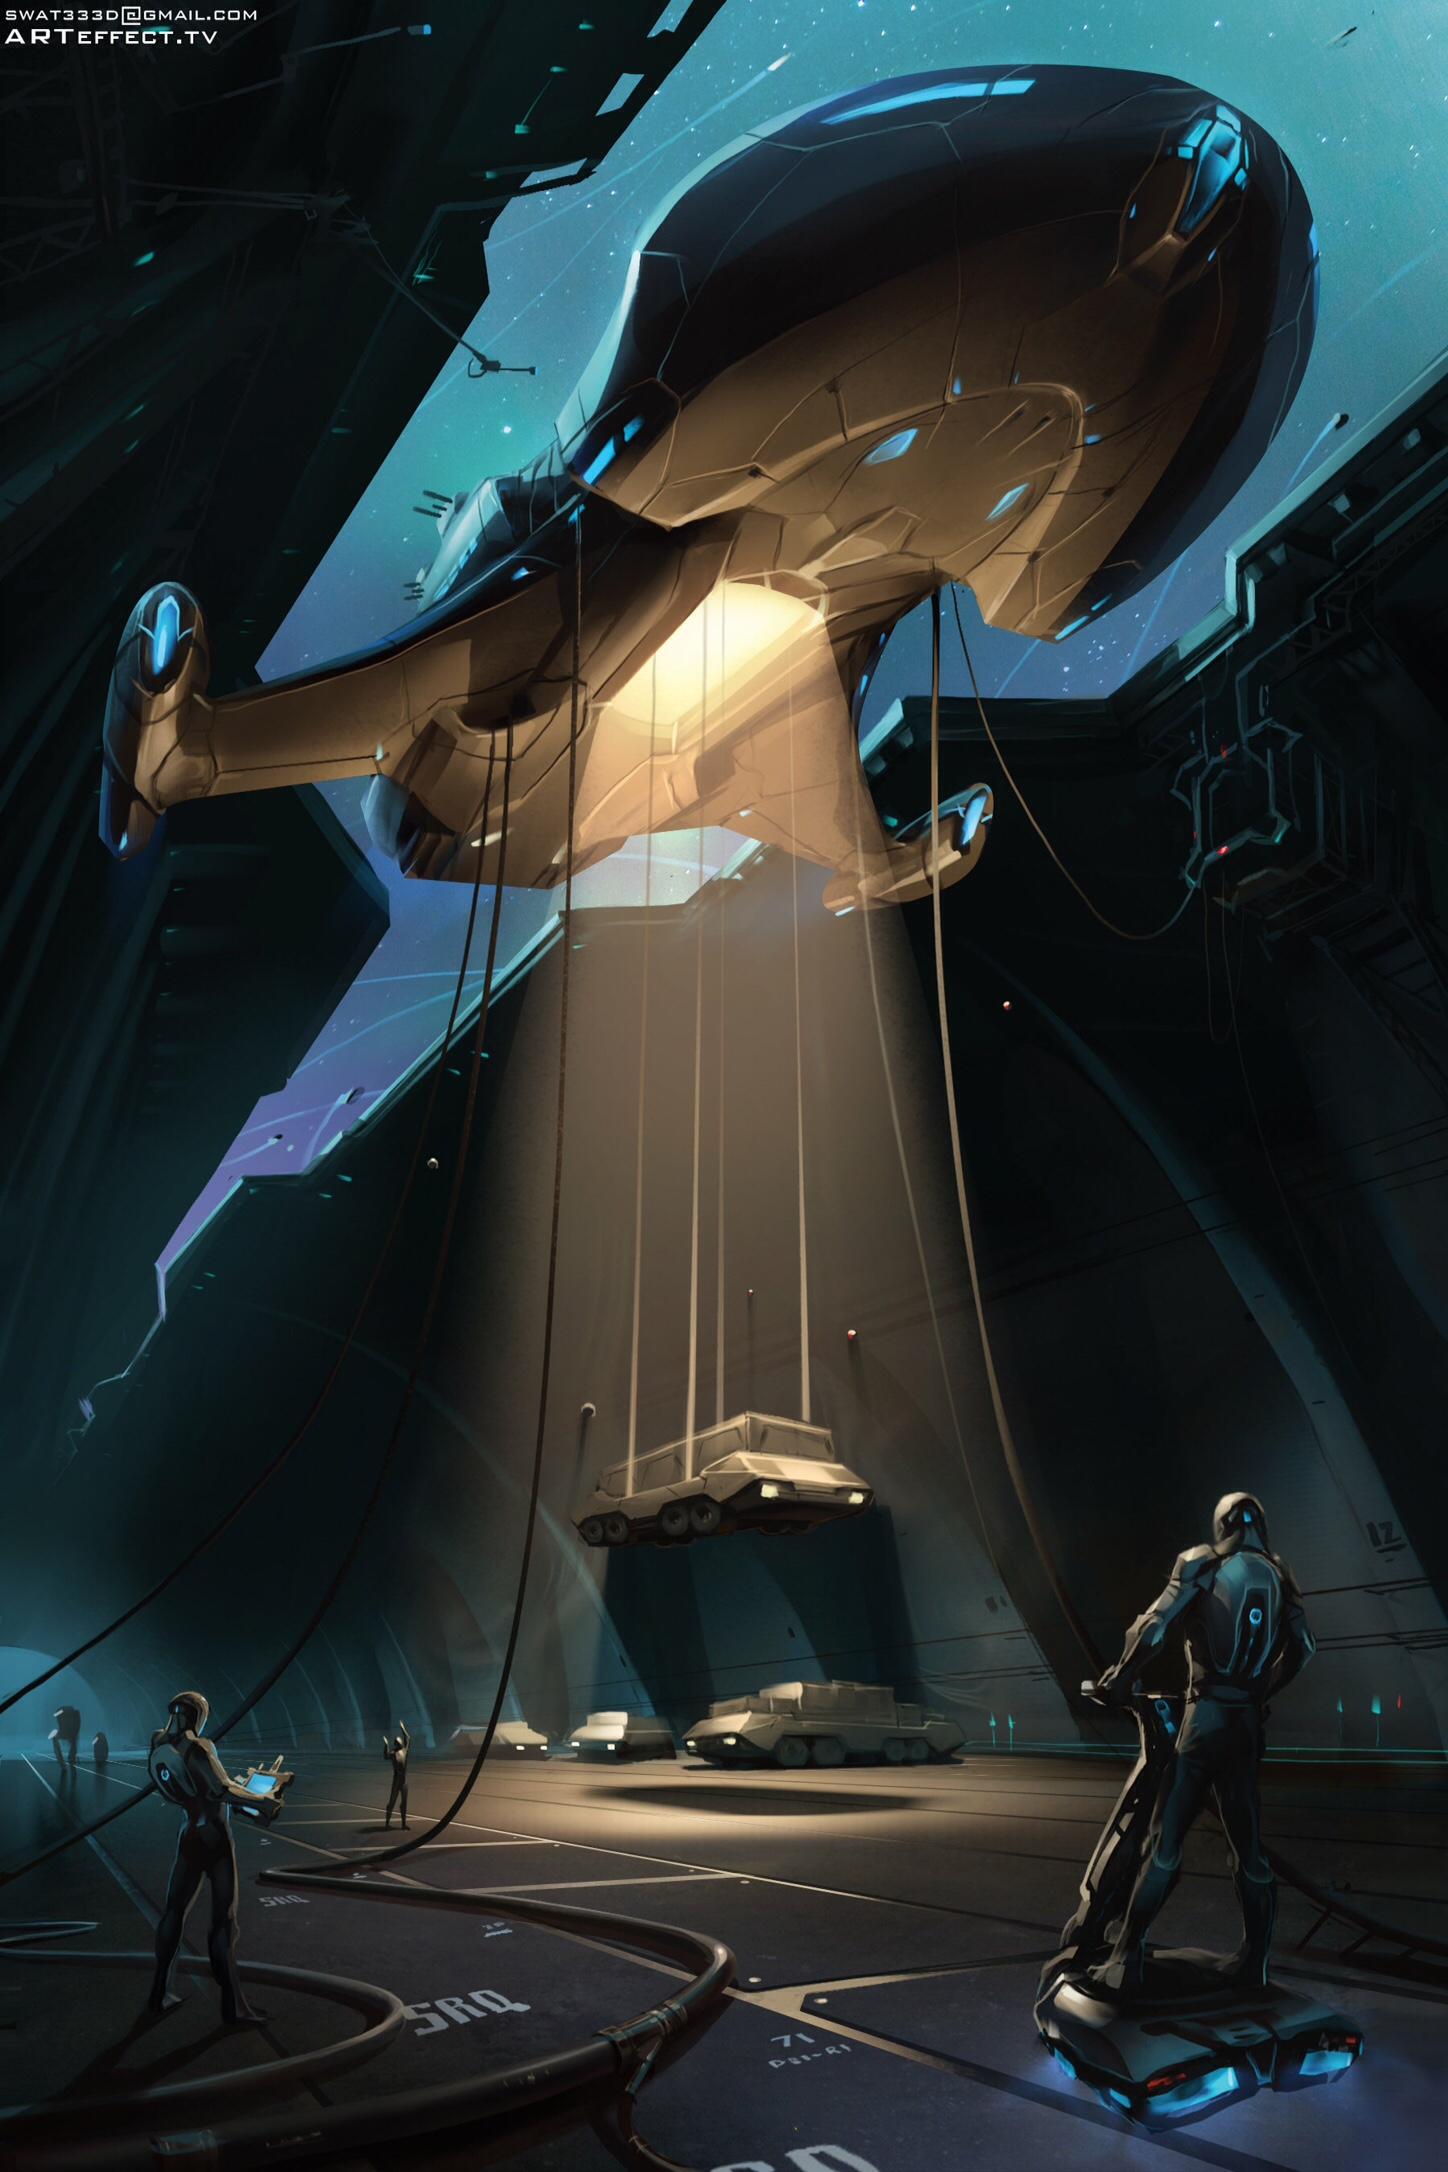 The Fantastic Art of Svyatoslav Gerasymchuk | Sci-Fi Artist